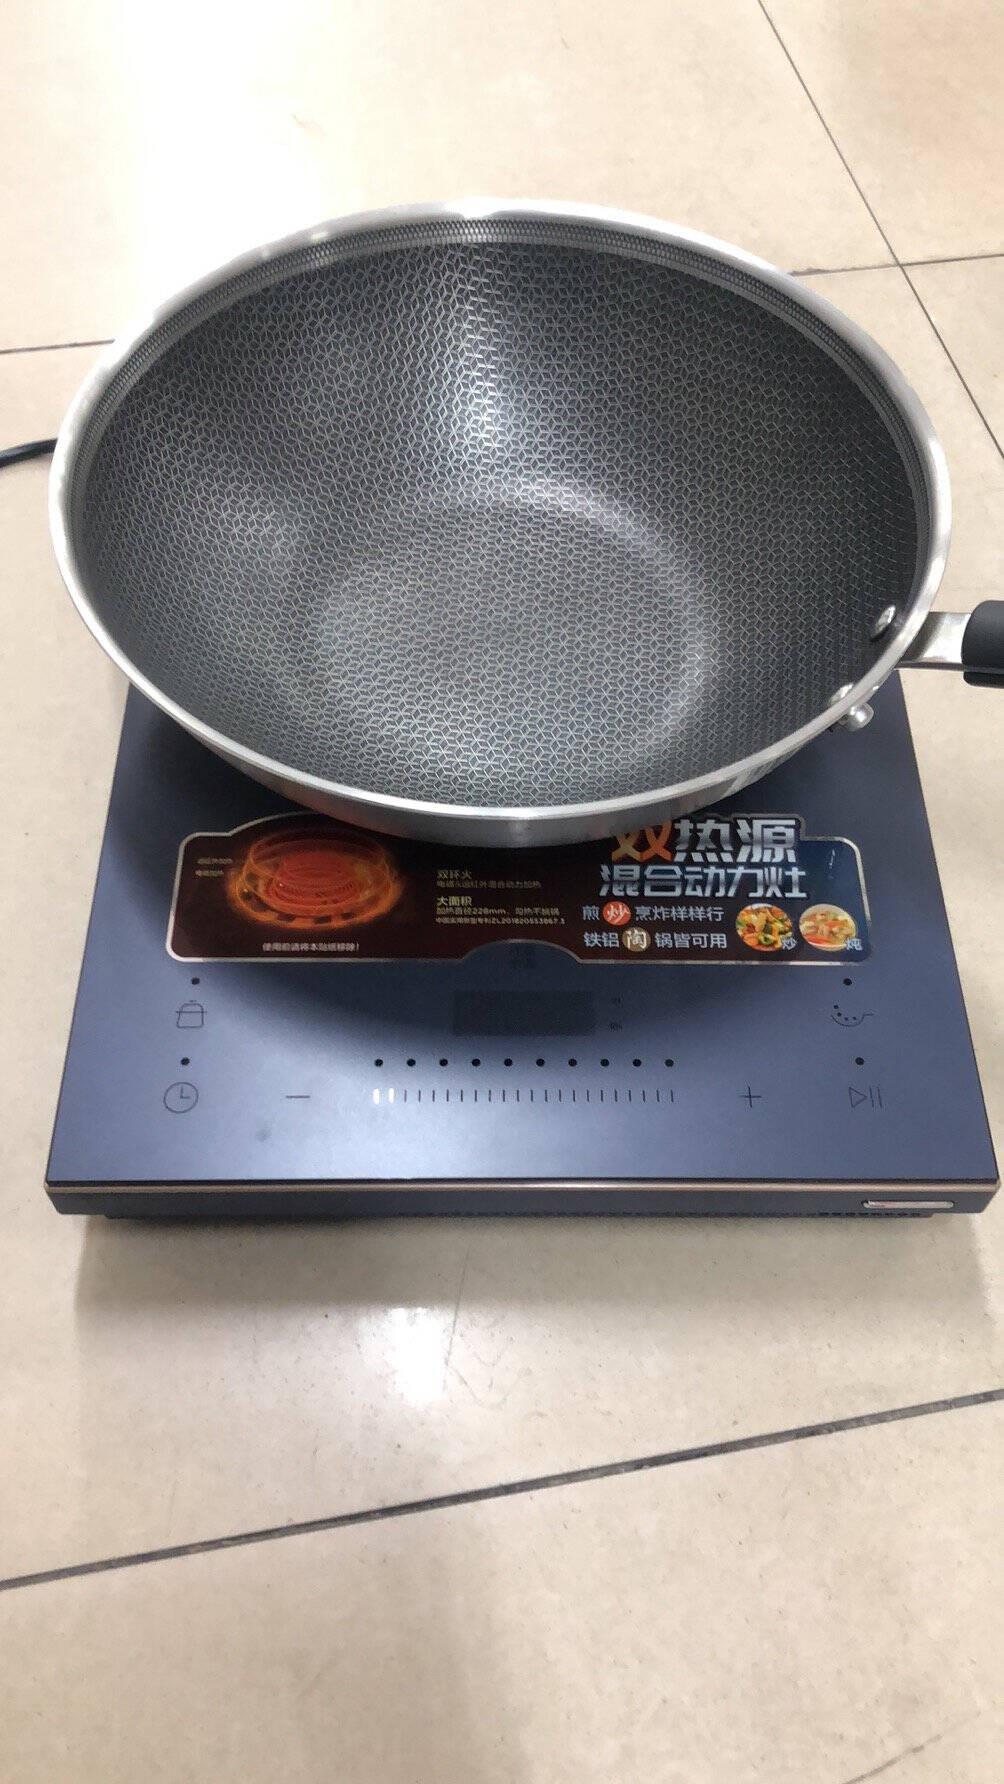 美的(Midea)C22-DH2210电磁炉电陶炉IH变频恒温超薄恒匀火聚能电磁炉不挑锅具线下同款黑色